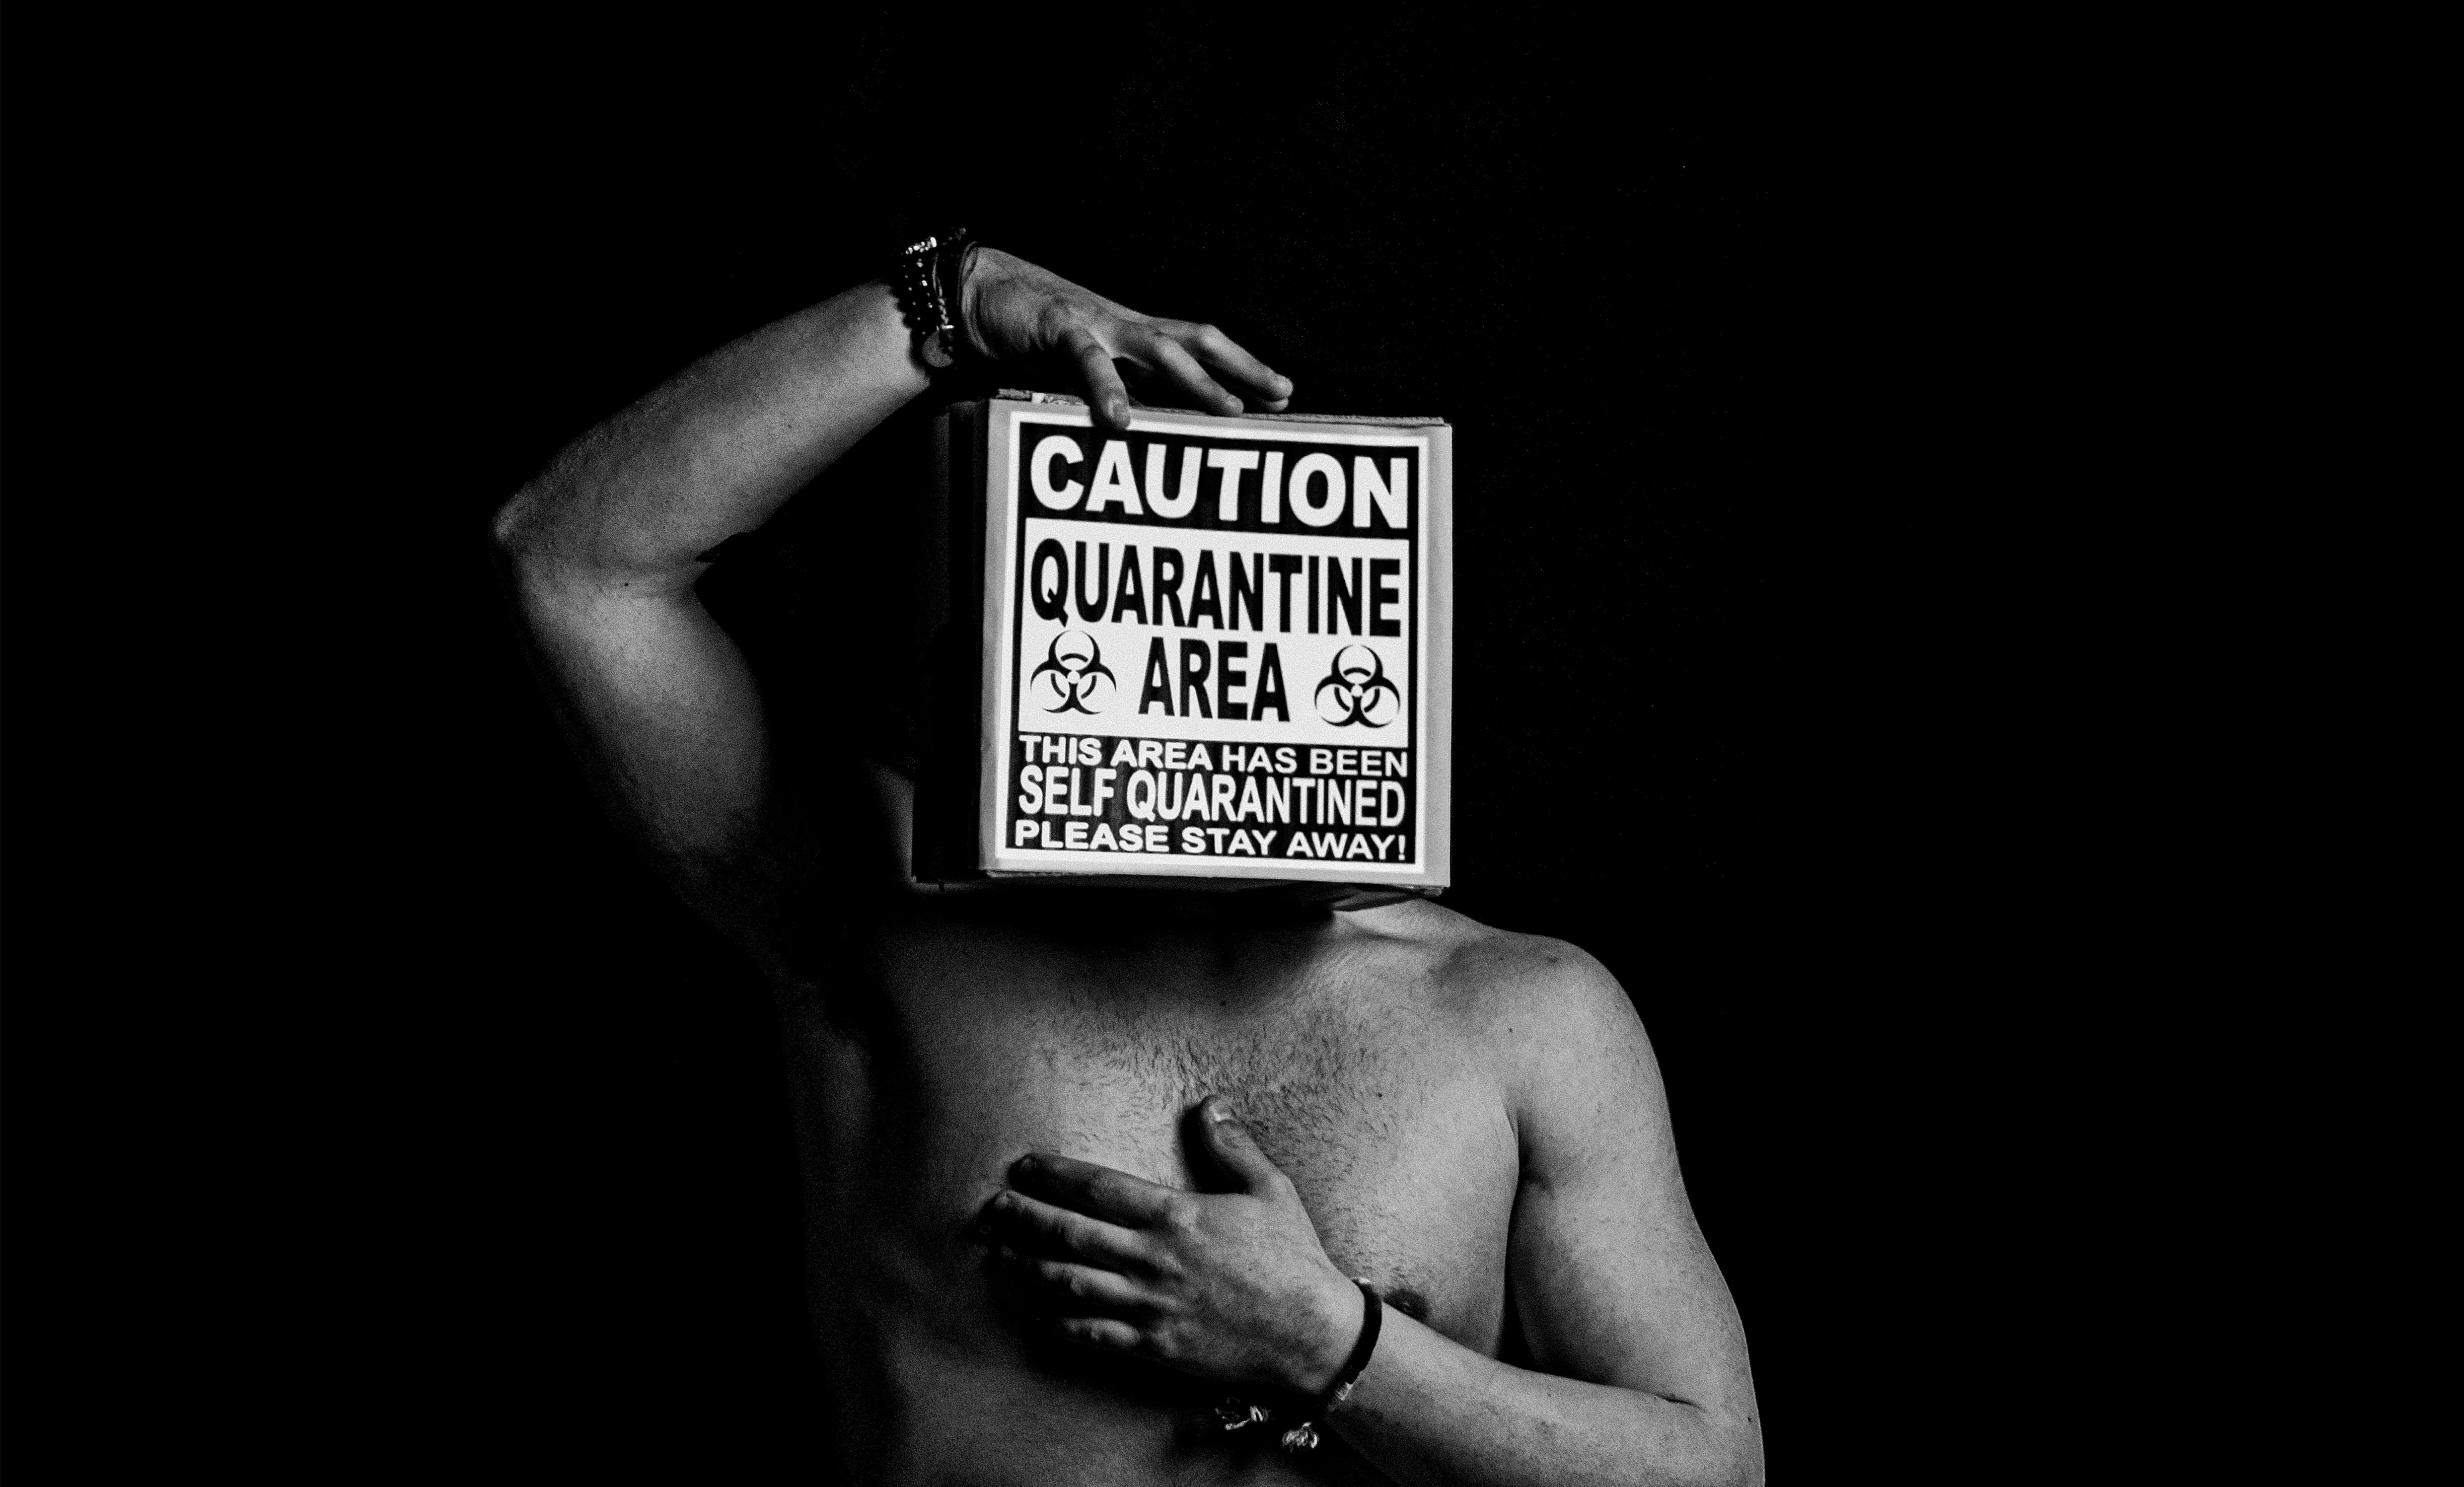 Bruno Salvatore Latella - Stay Away 2020 - fotografia Bianco e Nero,stampa Giclèe - 70x50 cm